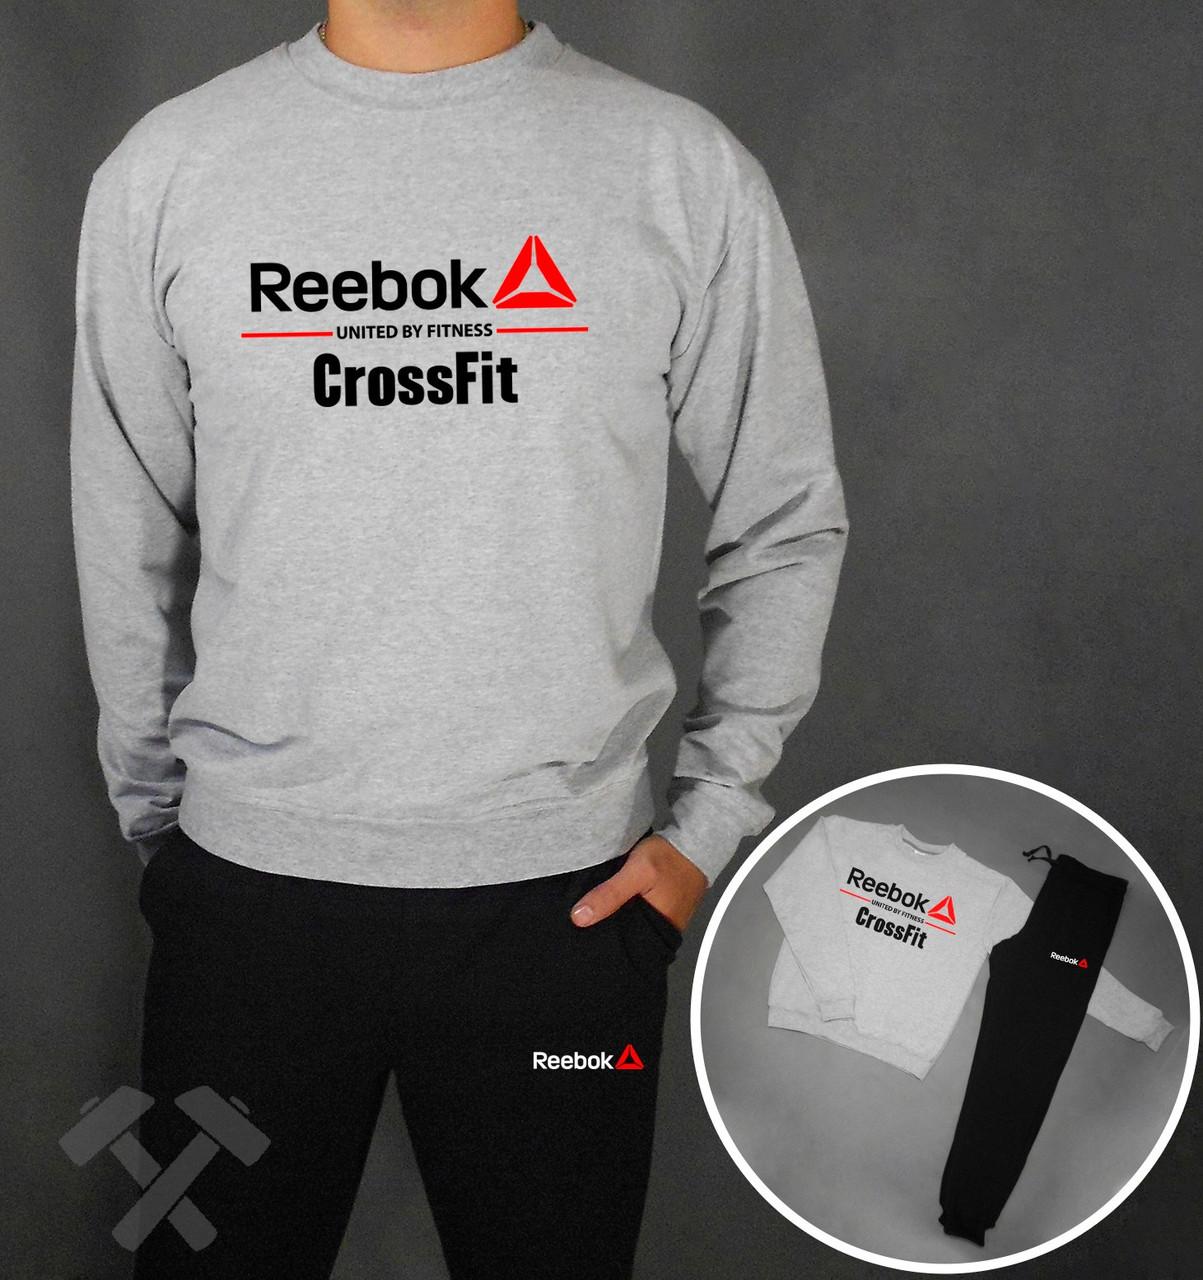 2c7b35021d26a8 Спортивный костюм Reebok CrossFit серый верх черный низ купить в ...